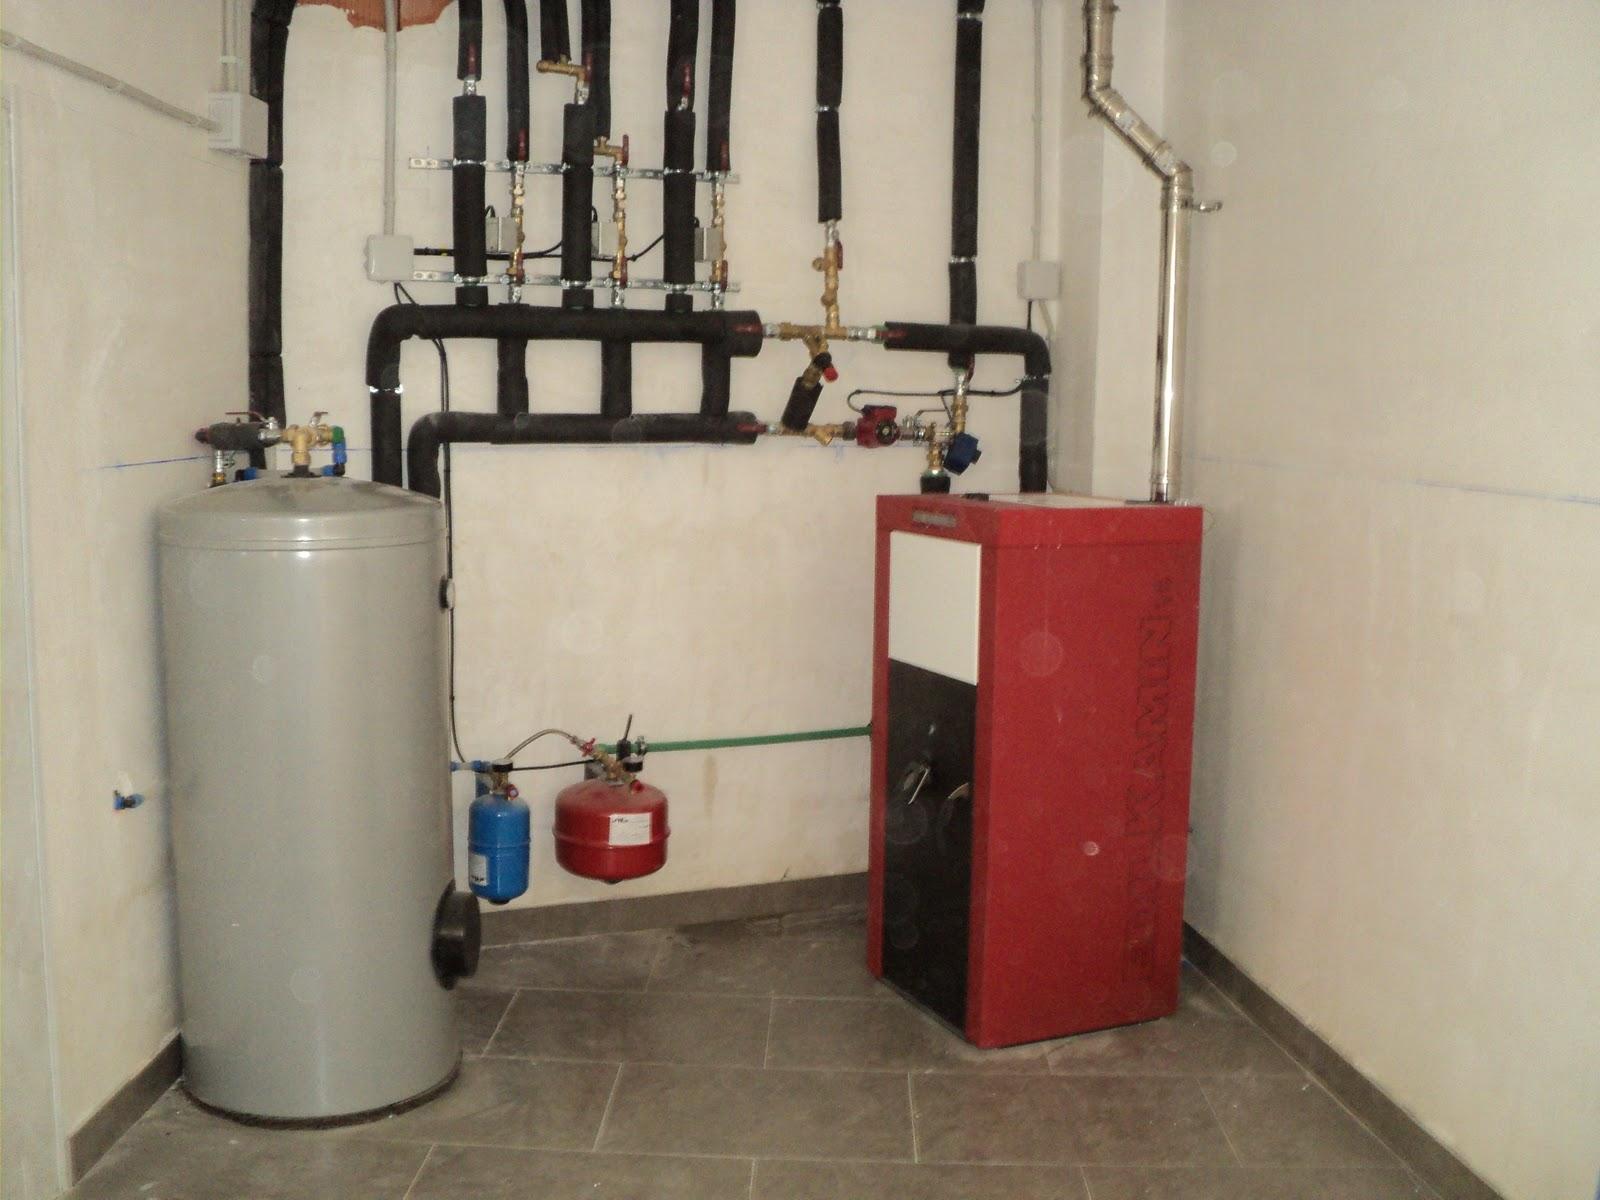 Entramados soluciones bioclim ticas instalaci n de - Caldera de pellets y lena ...